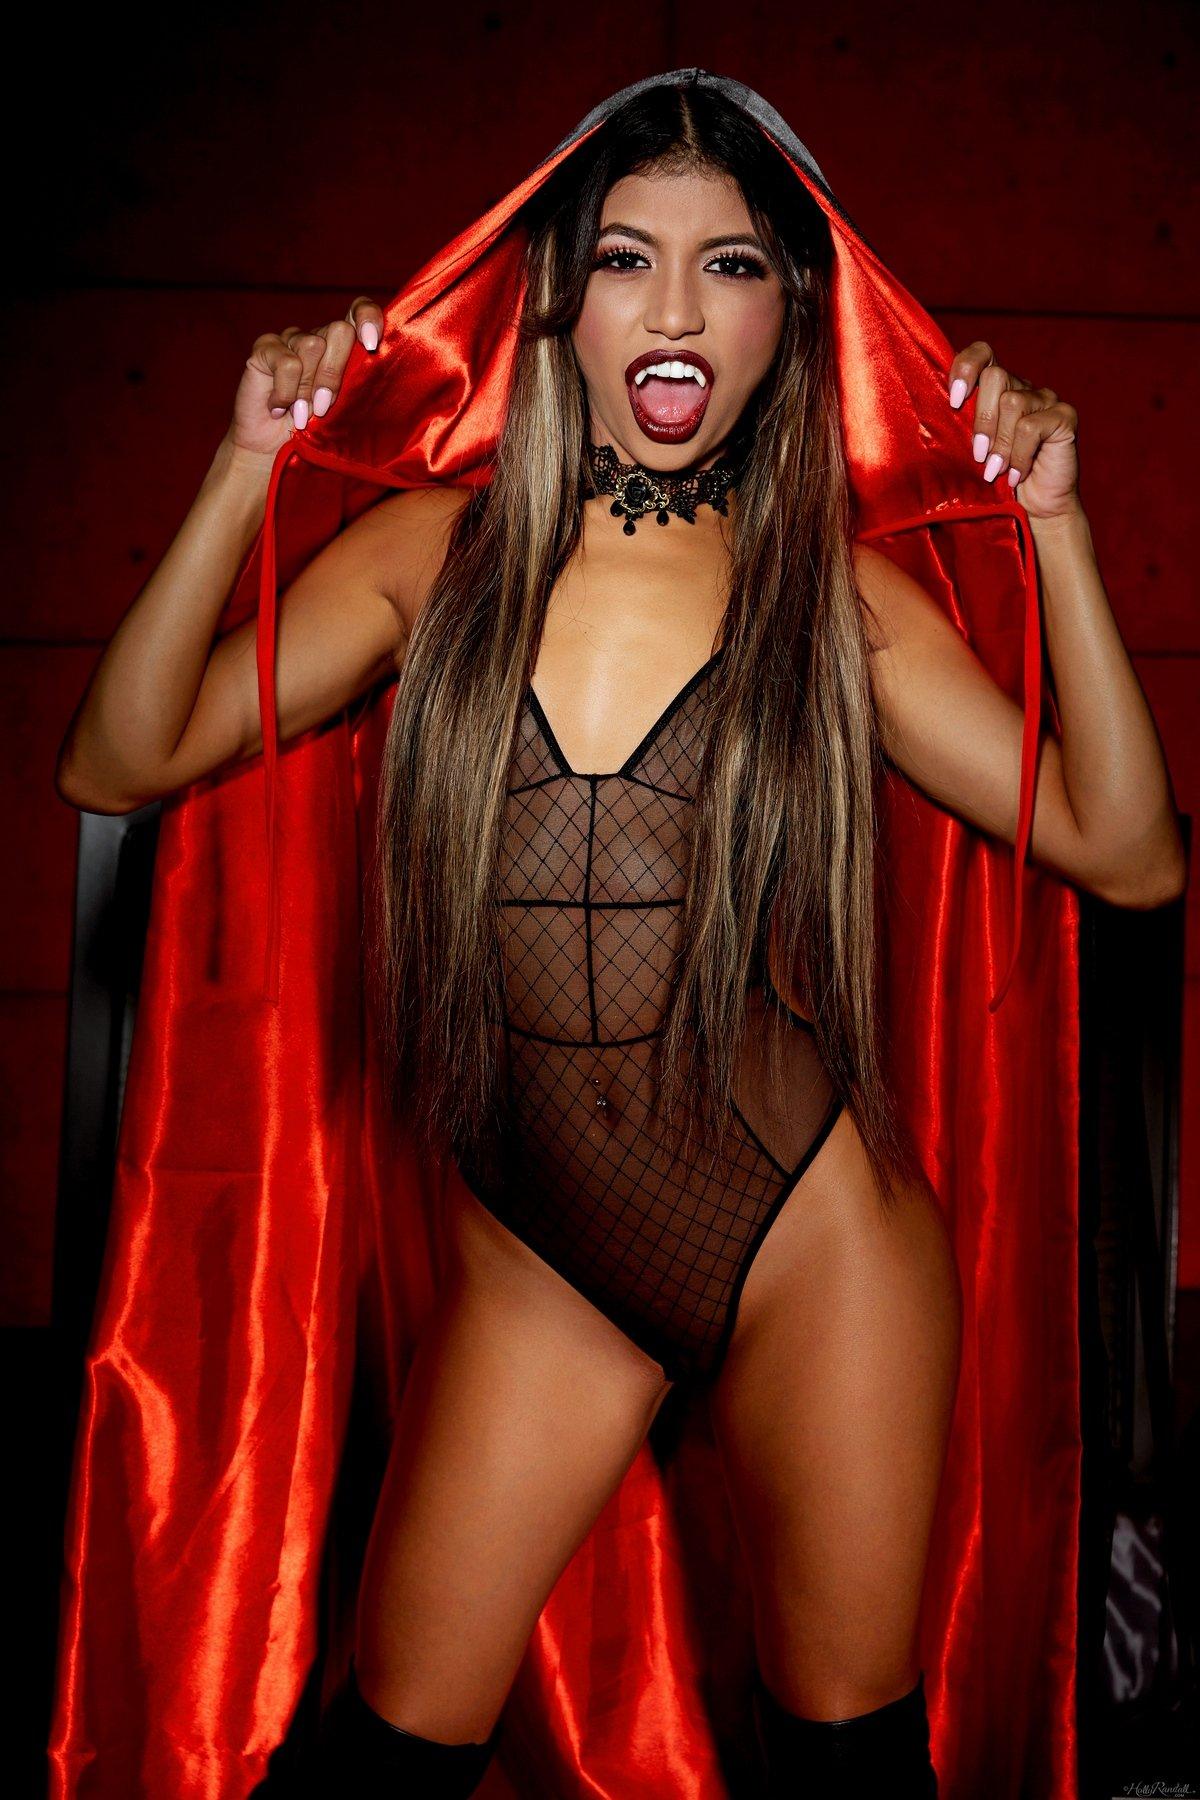 Сексуальная вампирша раздевается и показывает идеальное тело